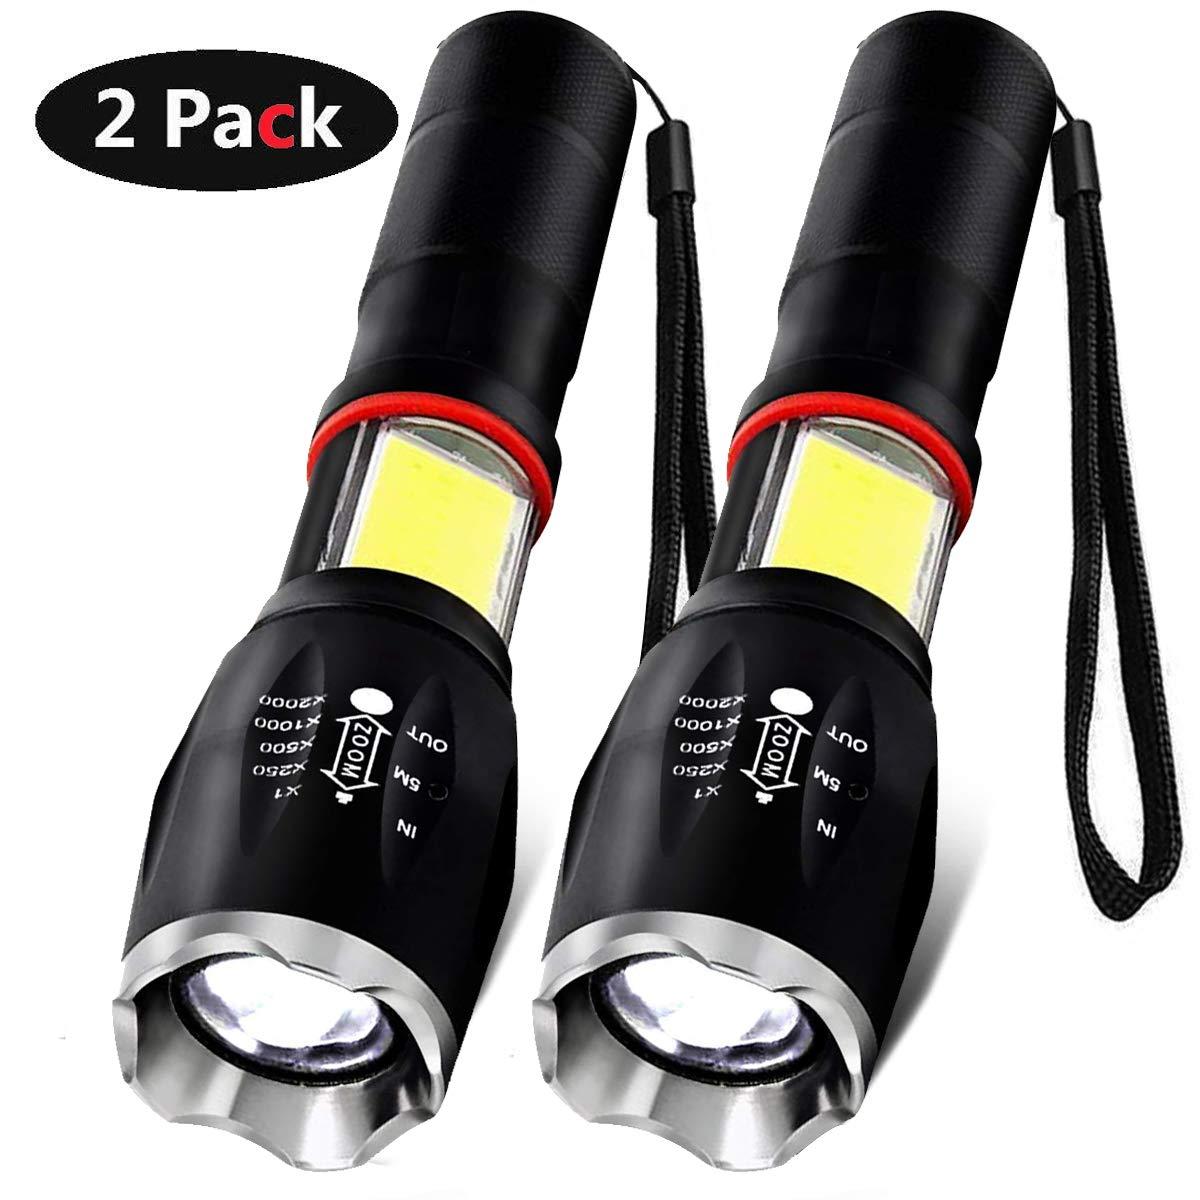 Aomees Taschenlampen, Cob LED-Taschenlampe, starke Taschenlampe, magnetisch, fü r Camping, 2 Stü ck